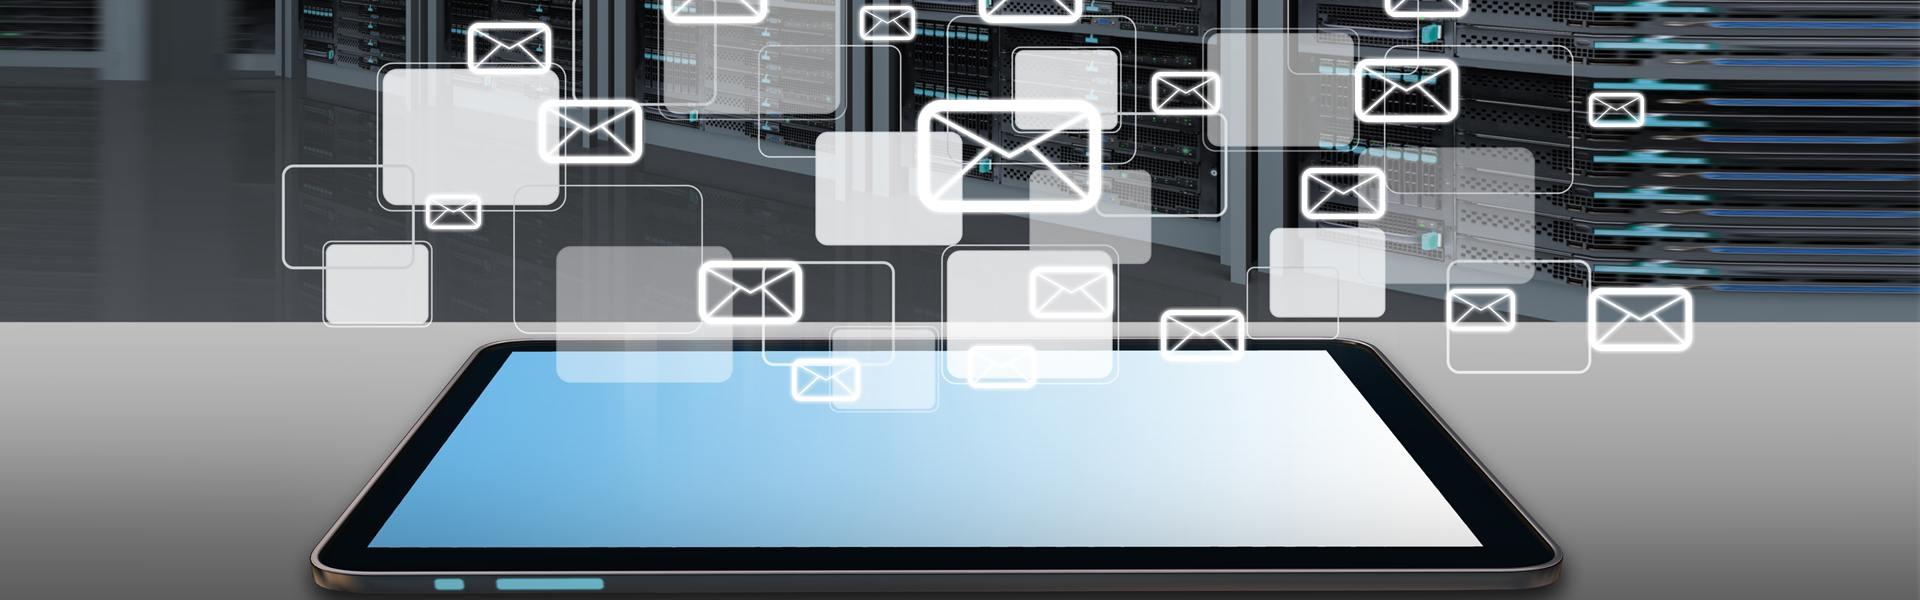 Mise en place de campagnes emailings pour hôtels indépendants